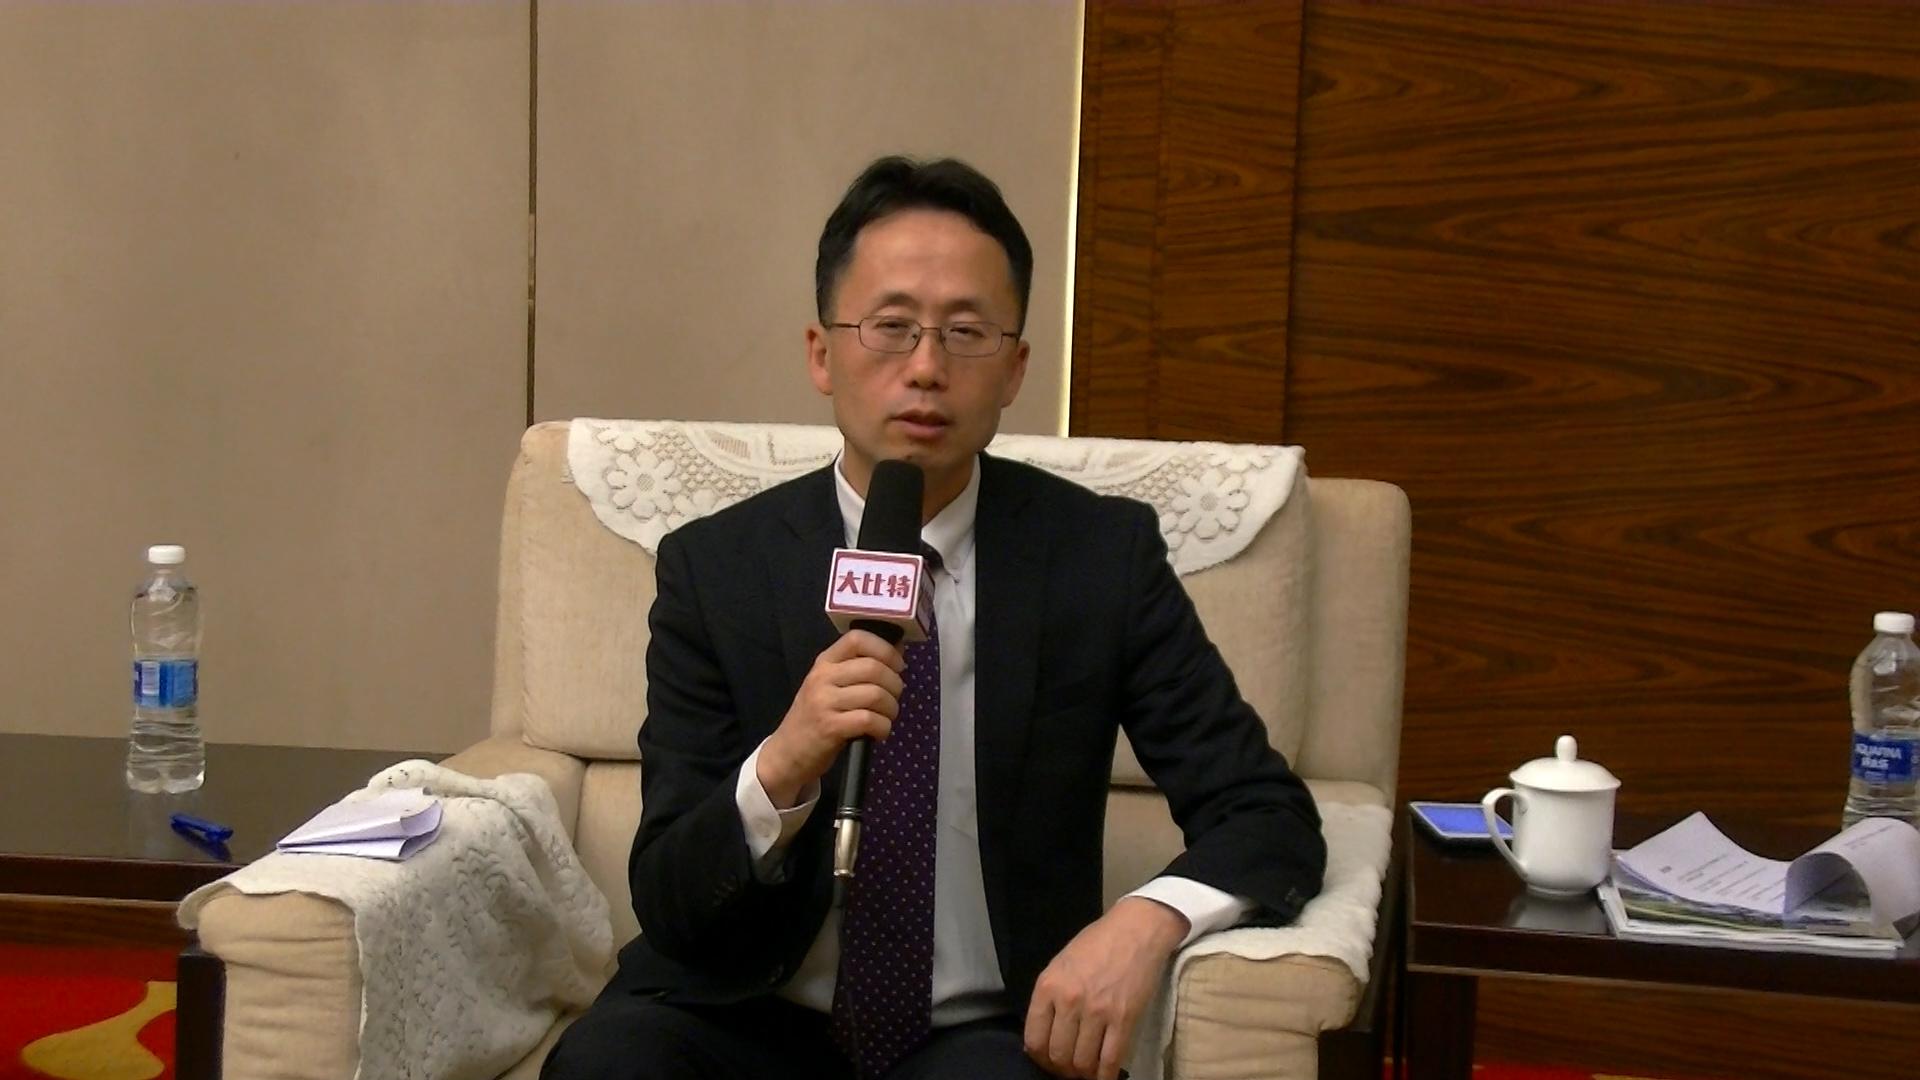 富士通冯逸新产品总监:高性能存储器的优势